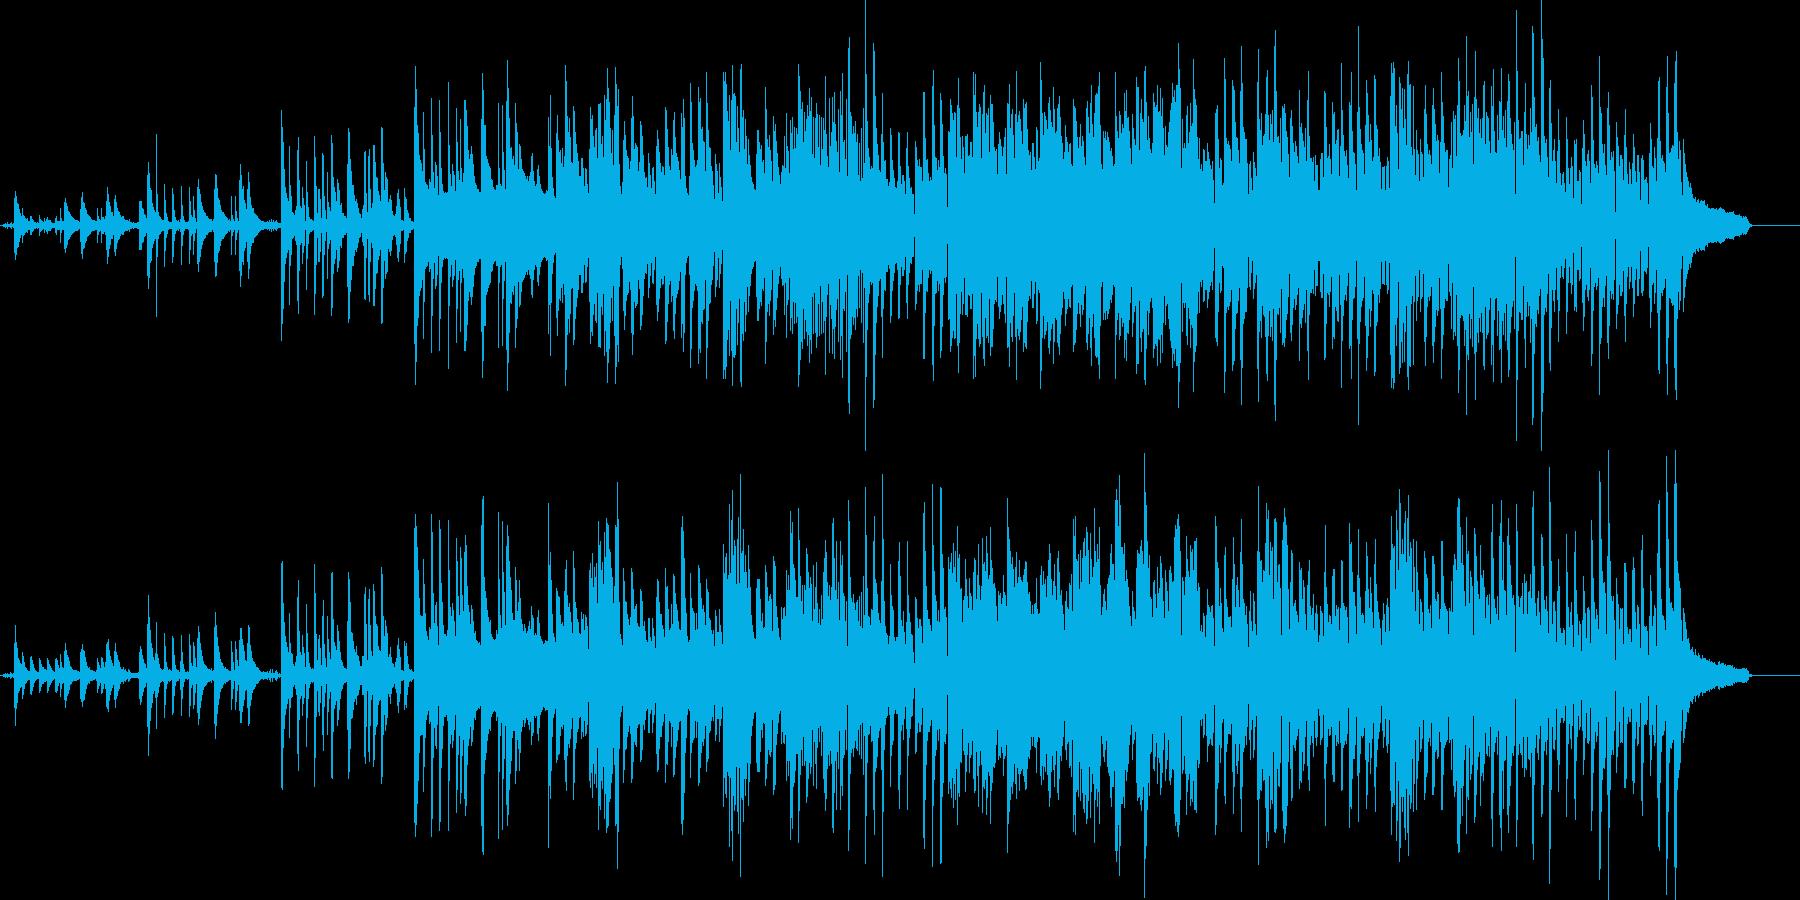 絶望的で嘆かわしいピアノ演奏の再生済みの波形